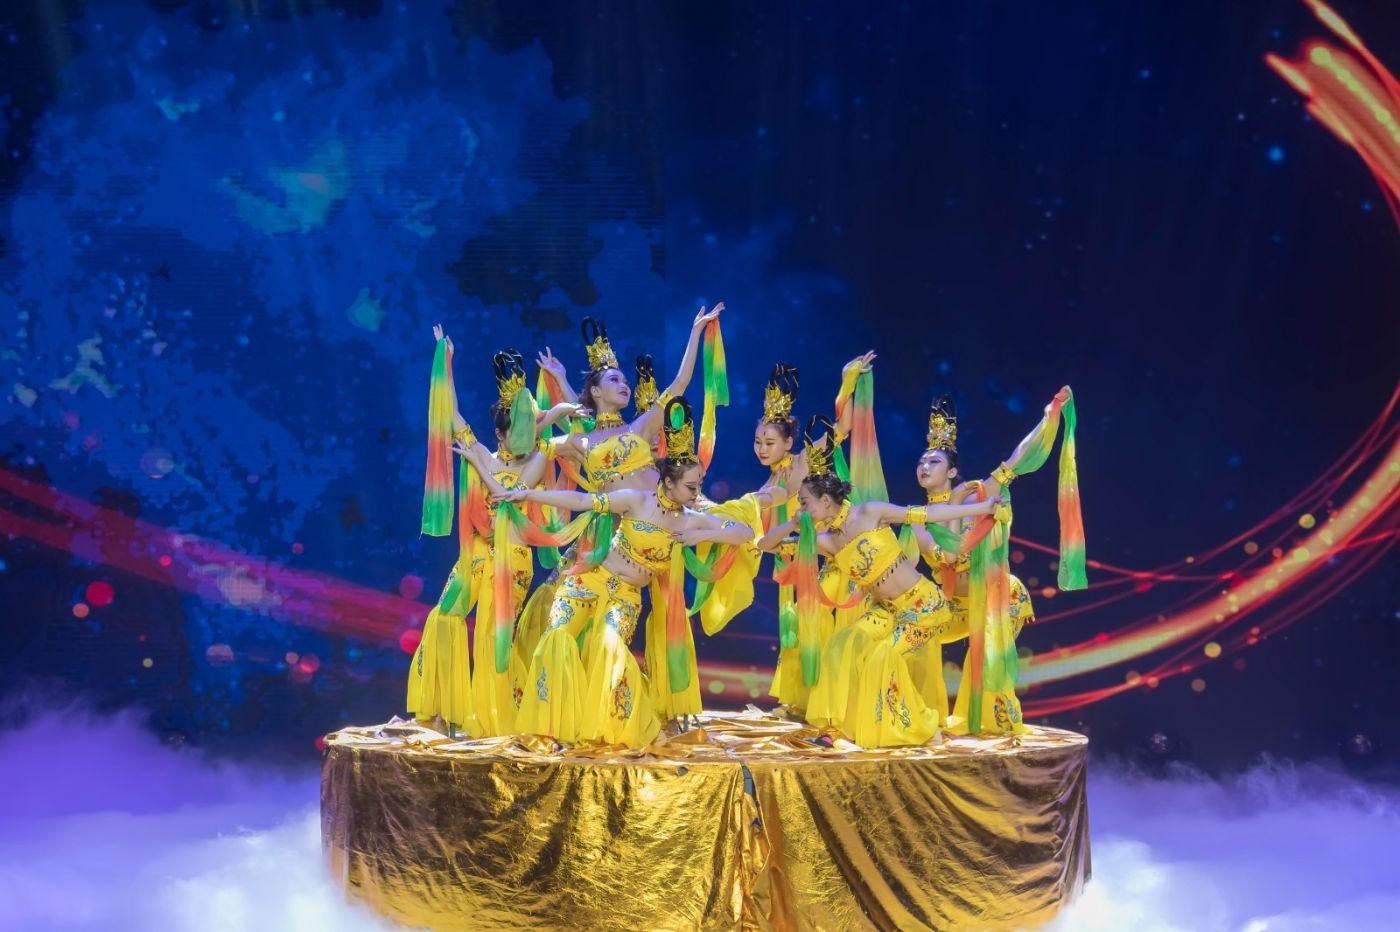 沂蒙大地上 有一种舞蹈叫飞天 这是几位临沂女孩的杰作 美轮美奂 ..._图1-11